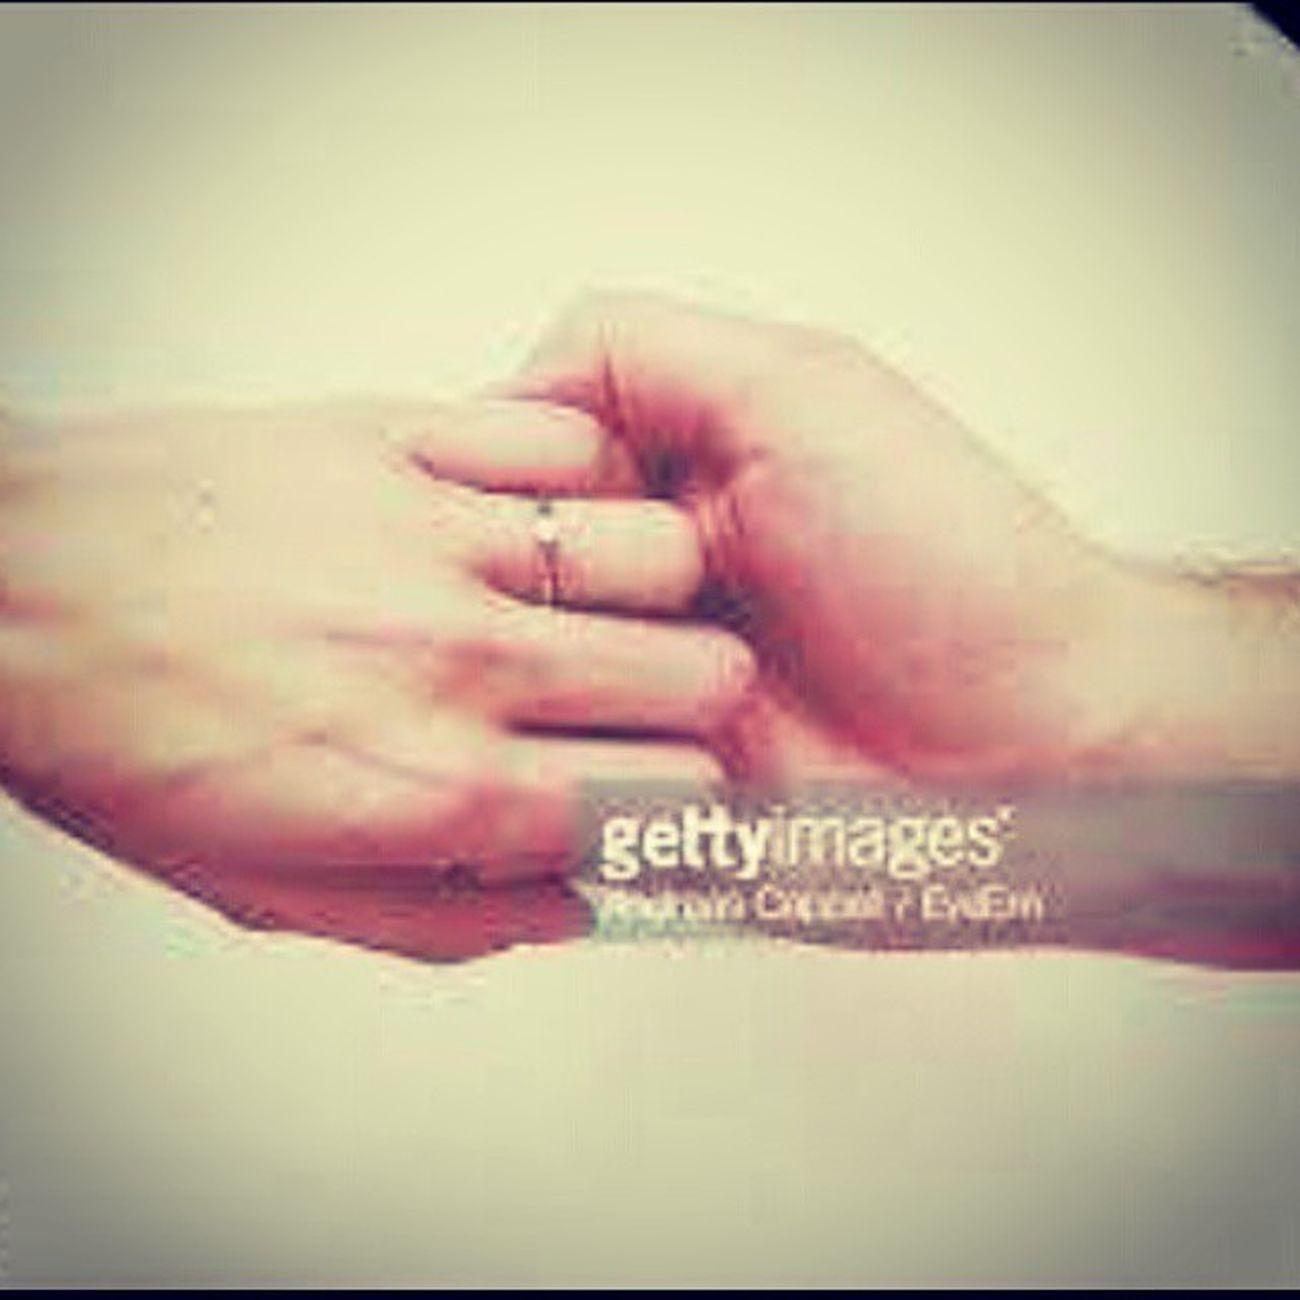 يد ايادي عناق عشق حب غرام شوق فراق حزن دموع طرابلس ليبيا Love Libya Hand Tripoli Libya